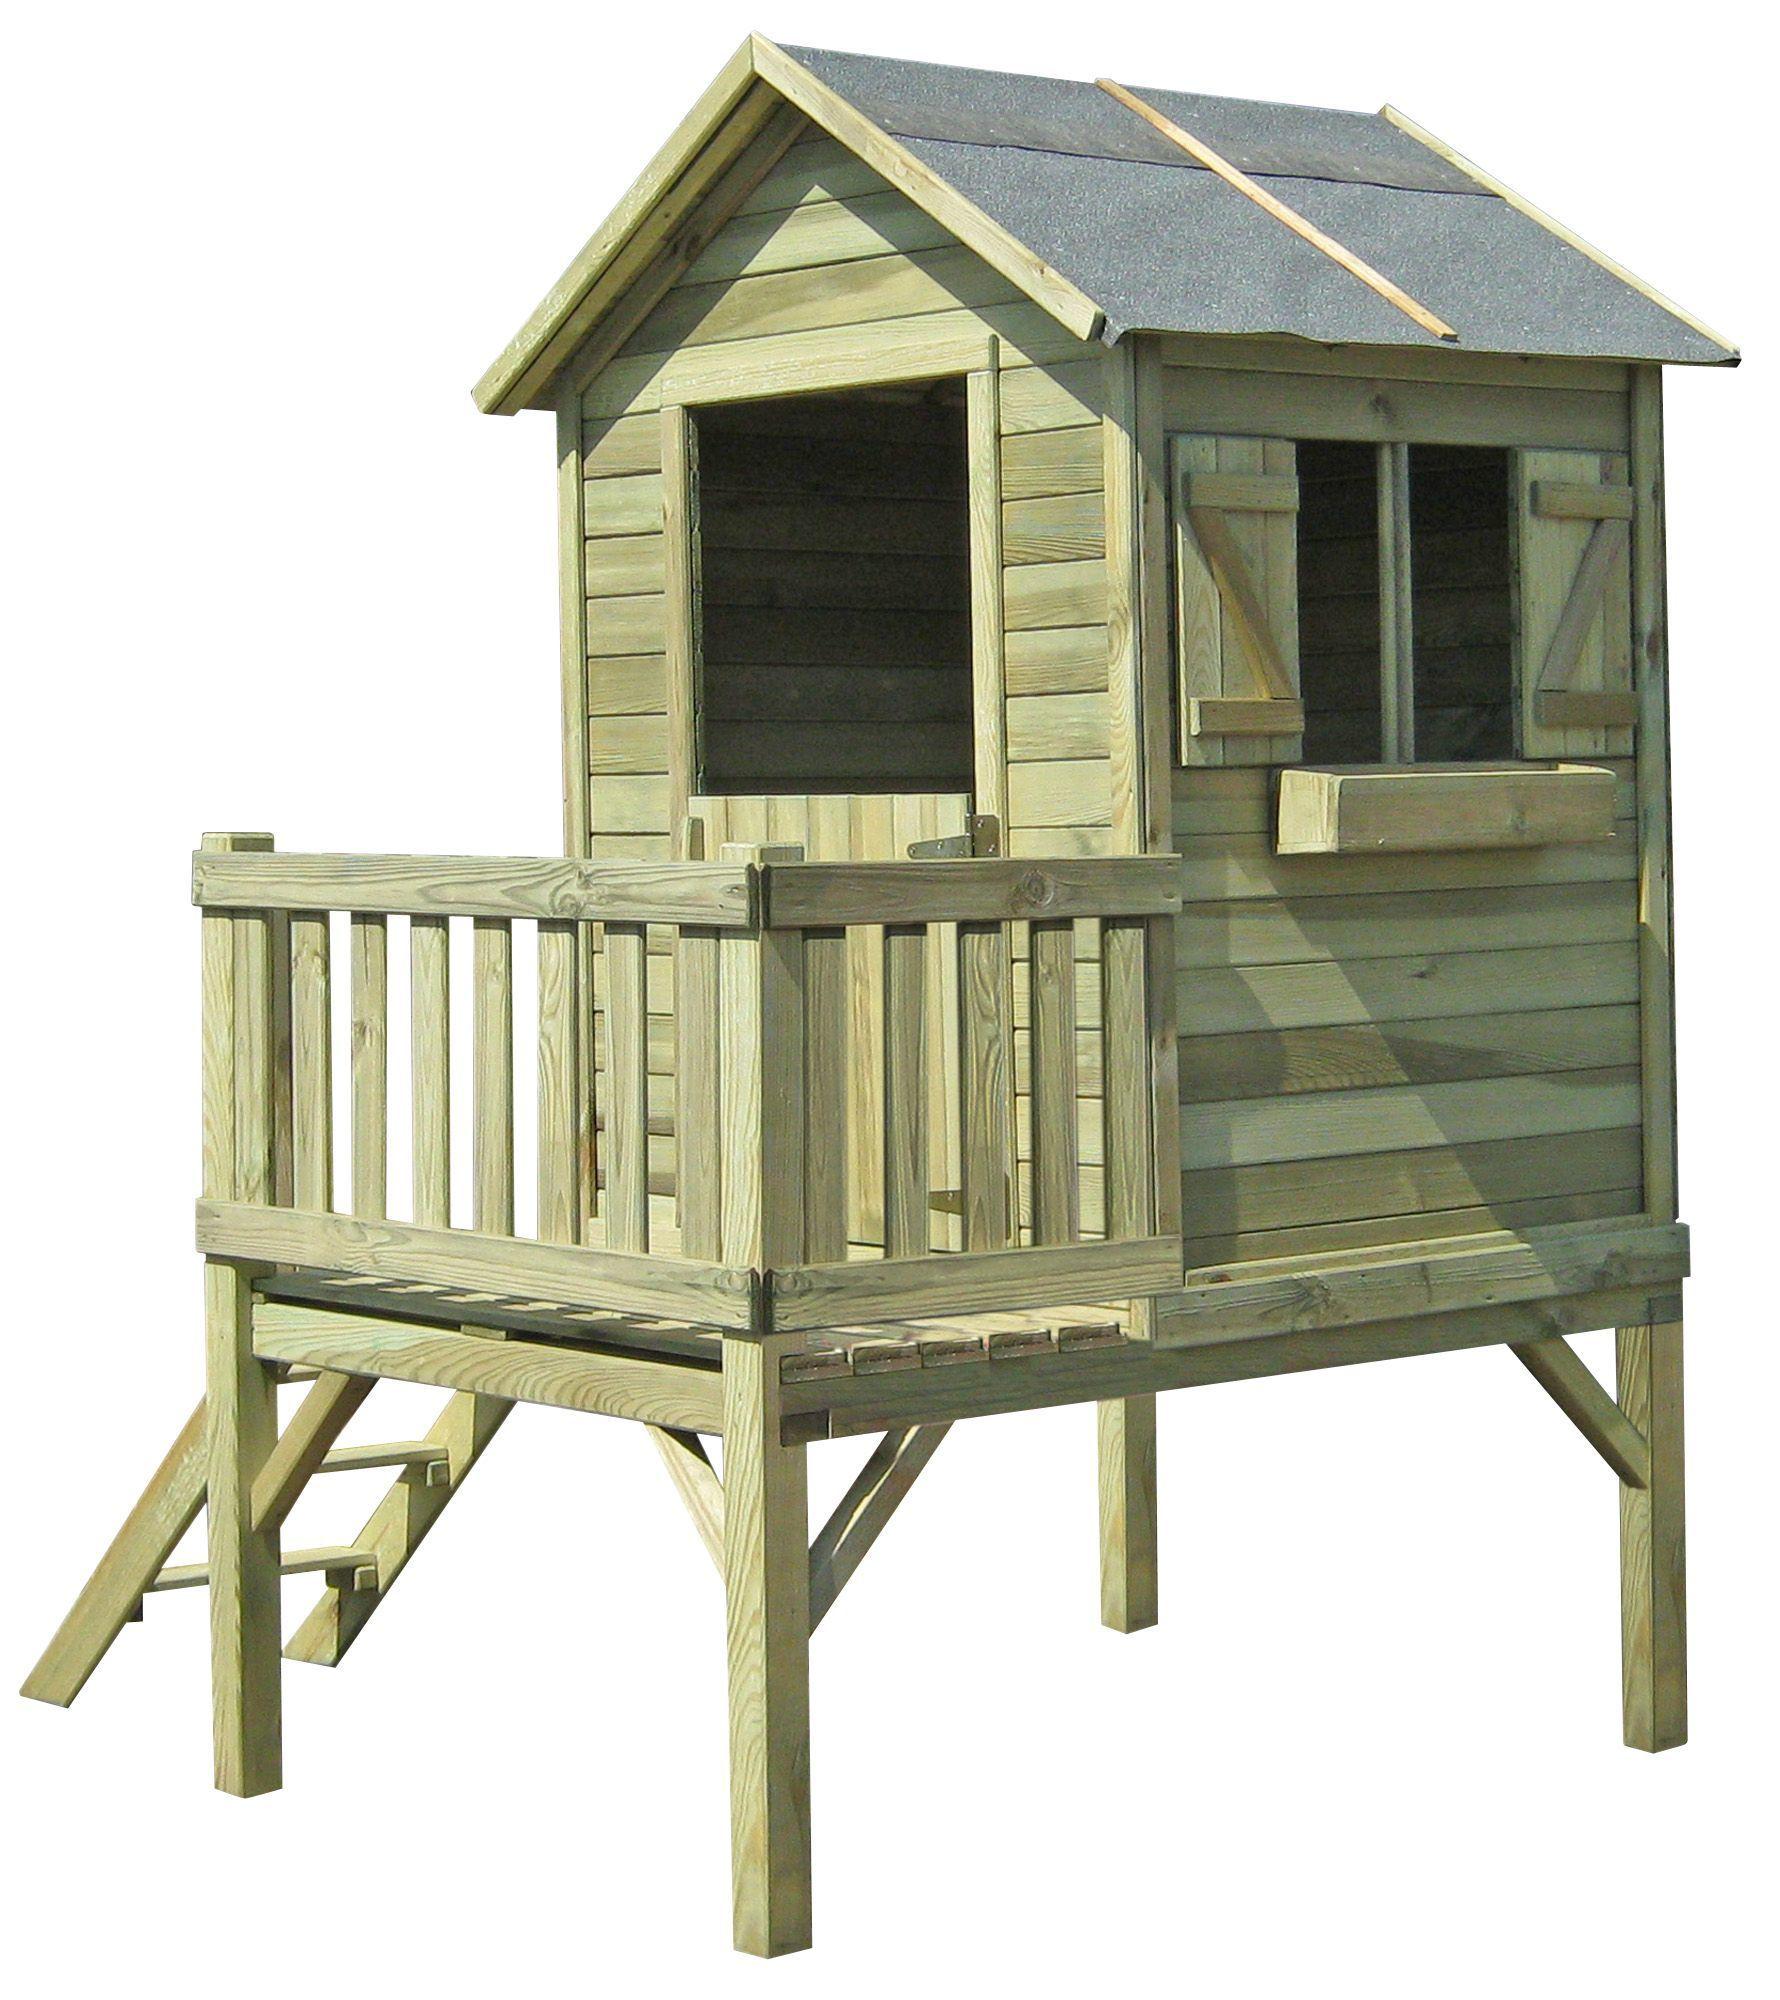 Cabane Enfant : Modèles Pour Le Jardin | Maisonnette En Bois ... concernant Maisonnette Jardin Pas Cher